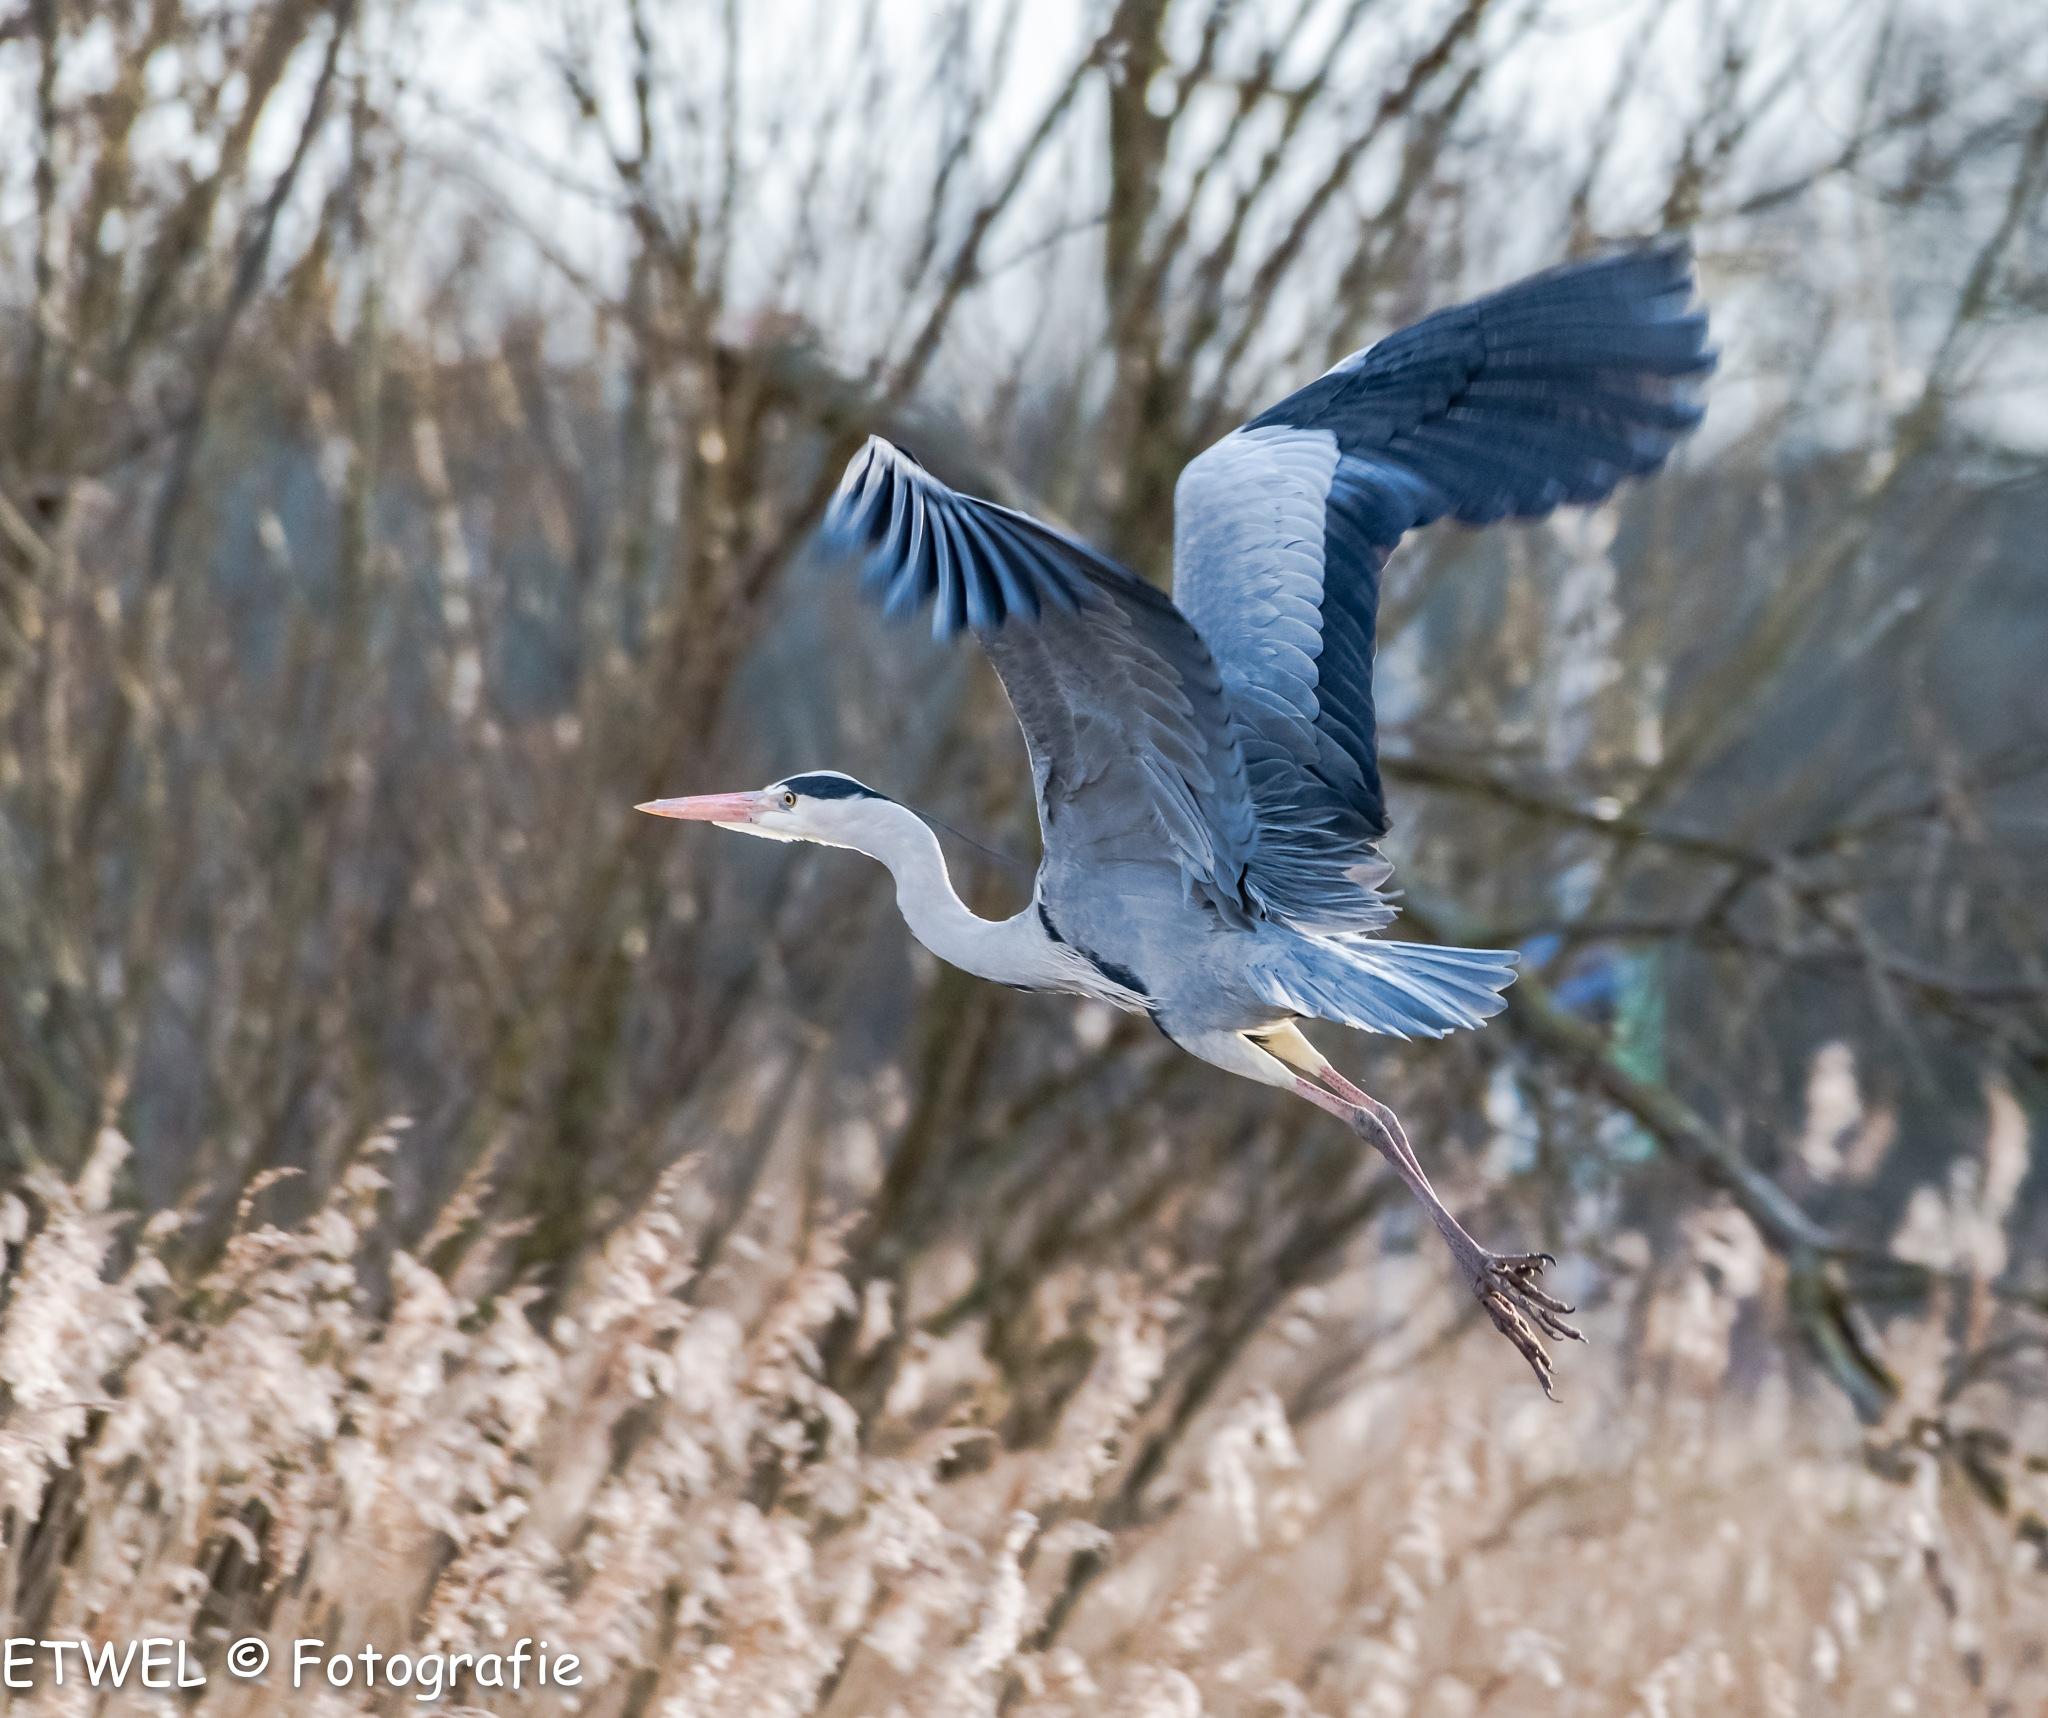 Heron by        ETWEL © Fotografie